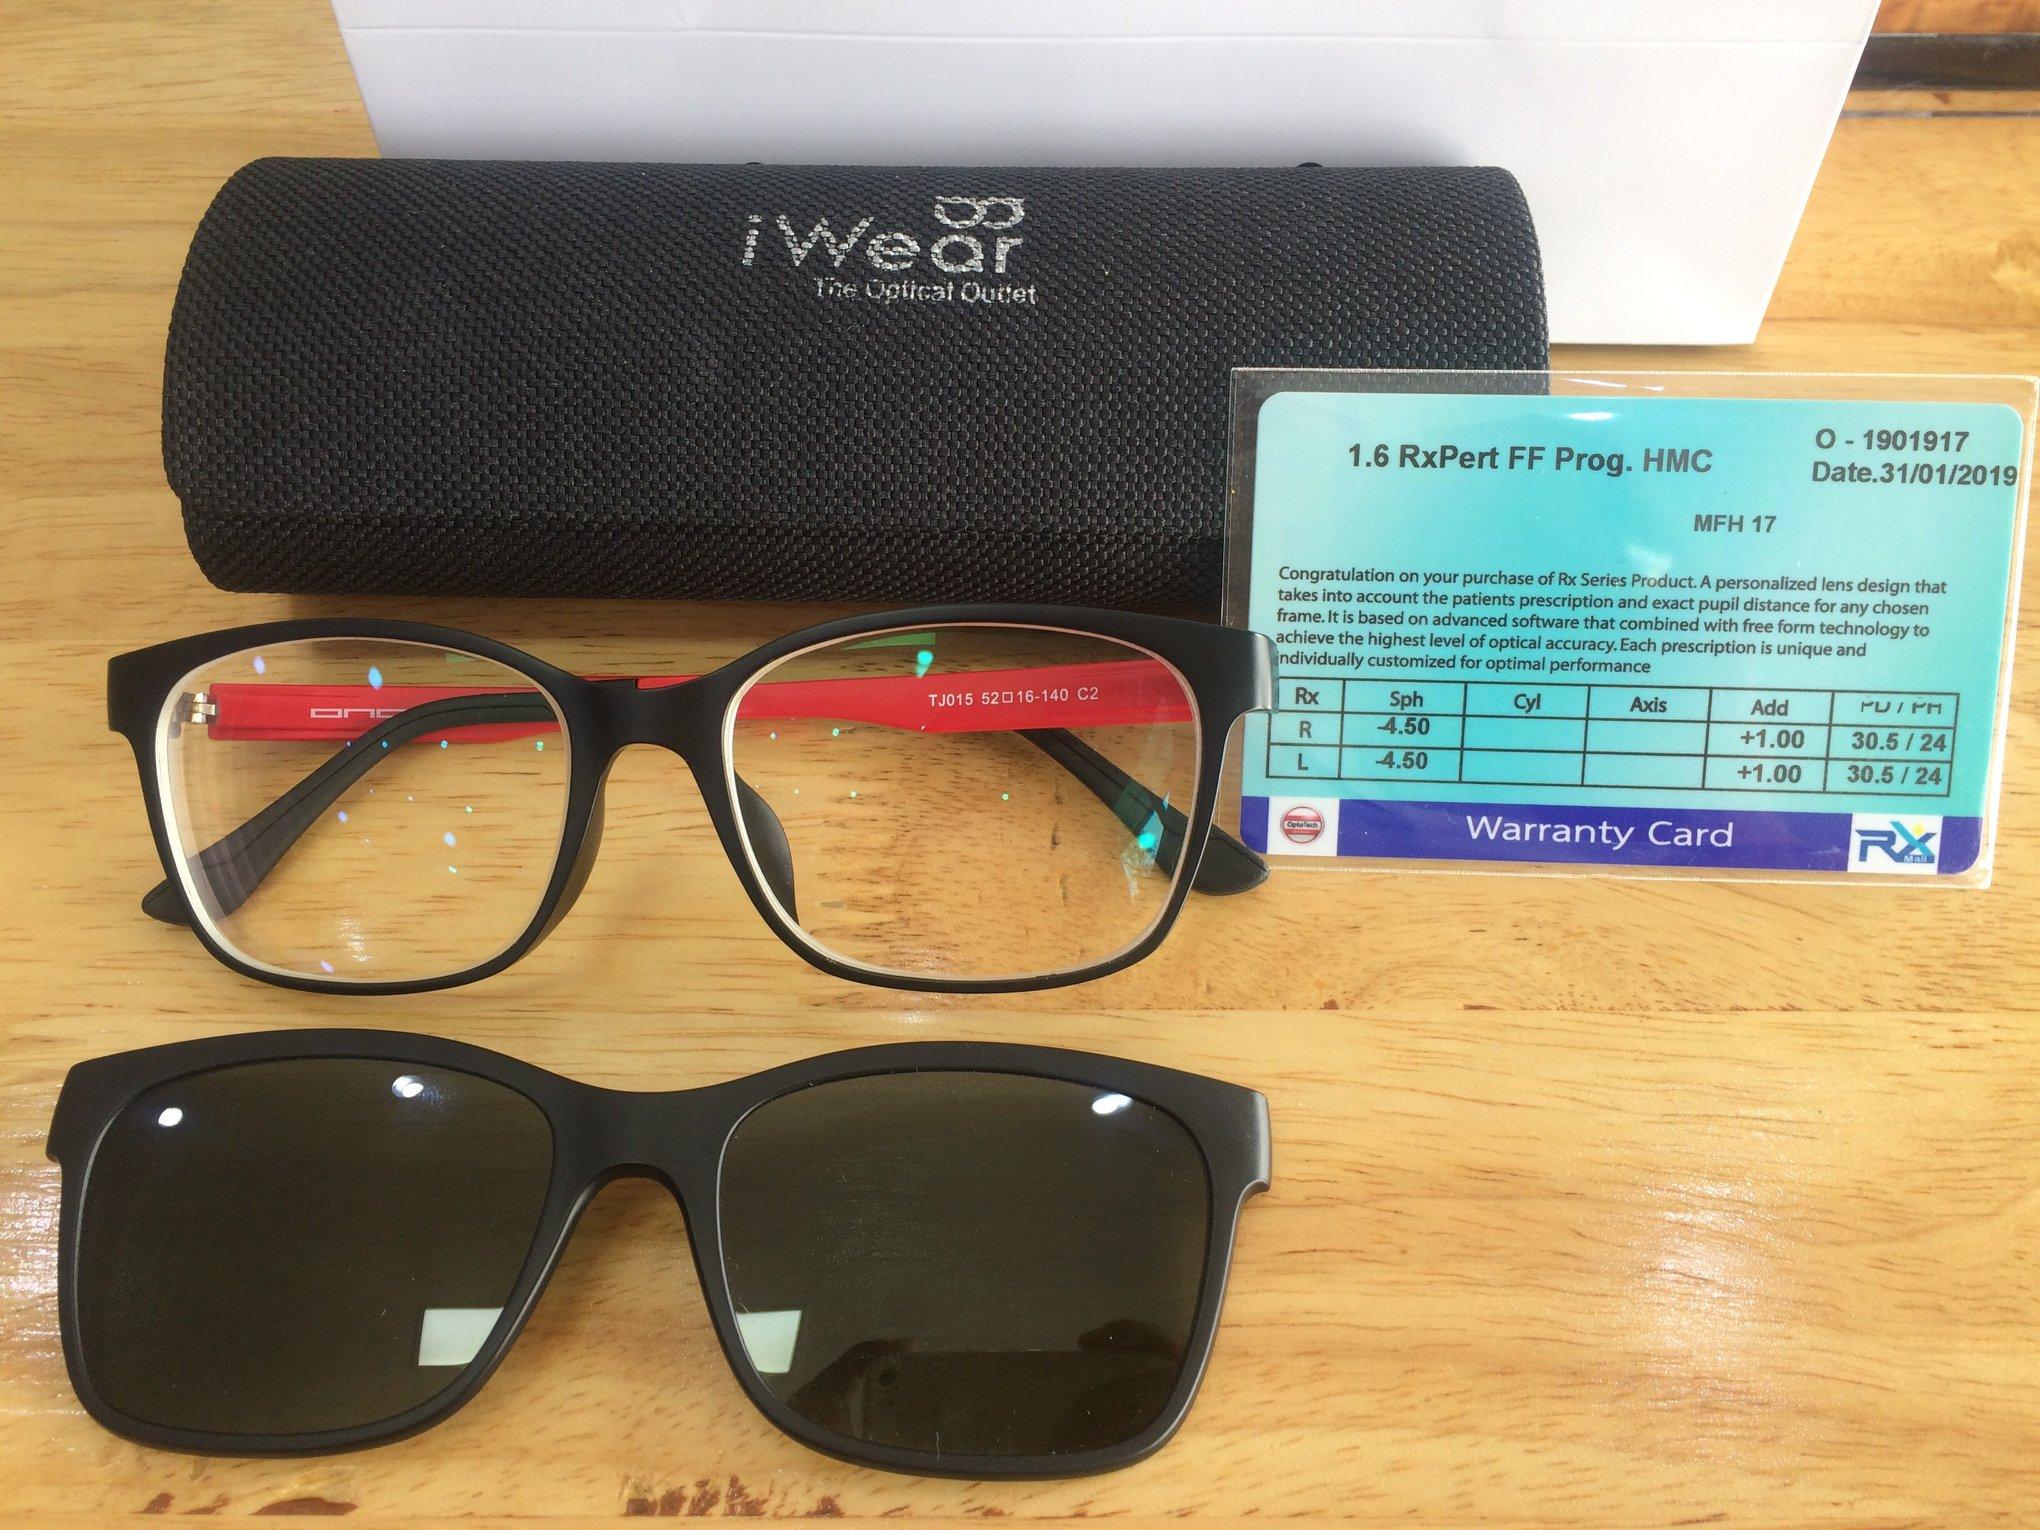 เลนส์โปรเกรสซีฟกับแว่นตาแบบมีคลิปออน